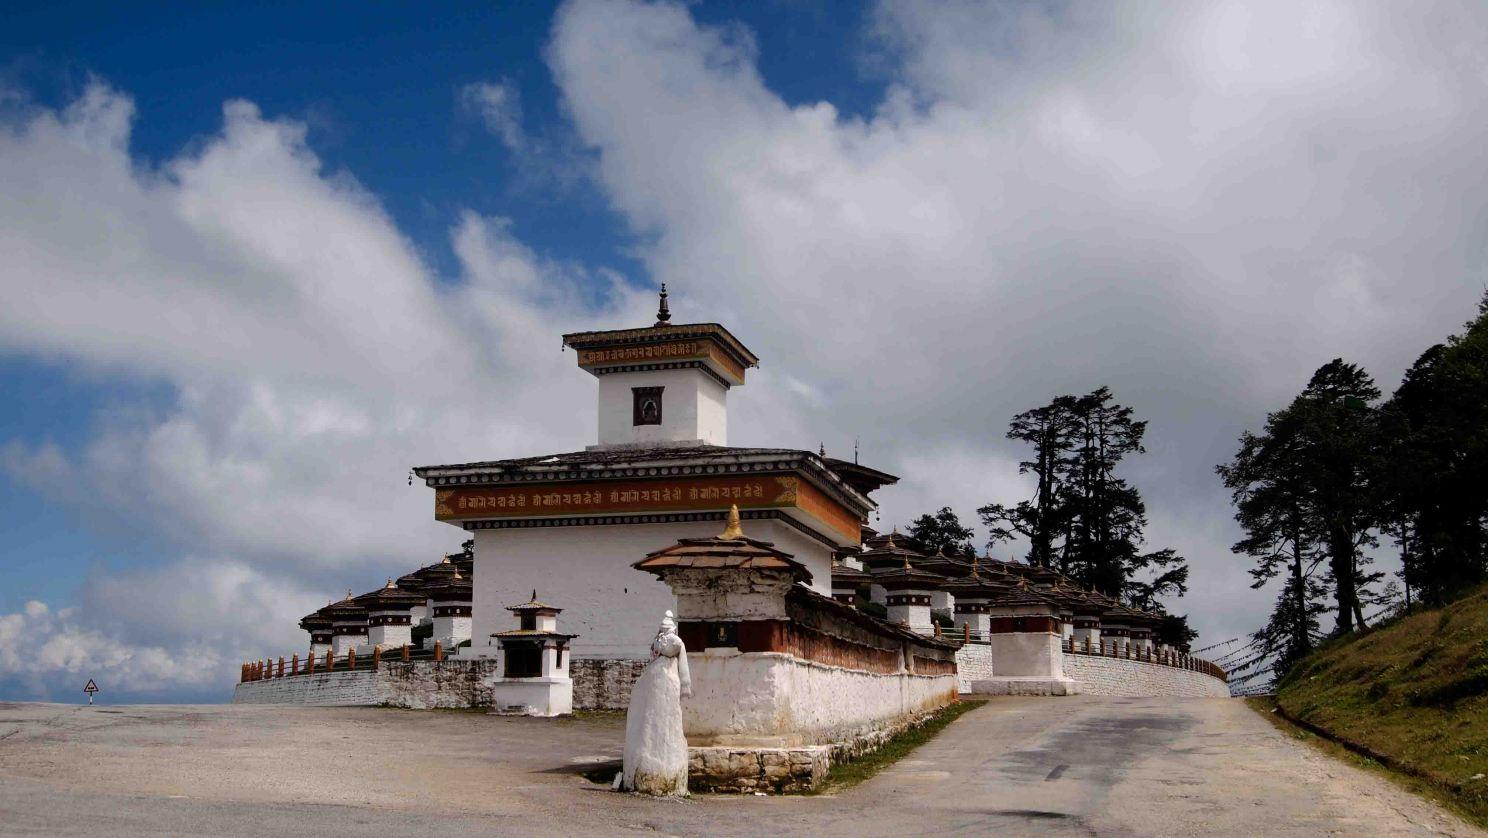 Druk-Wangyal-Khang-Zhang-Chortens